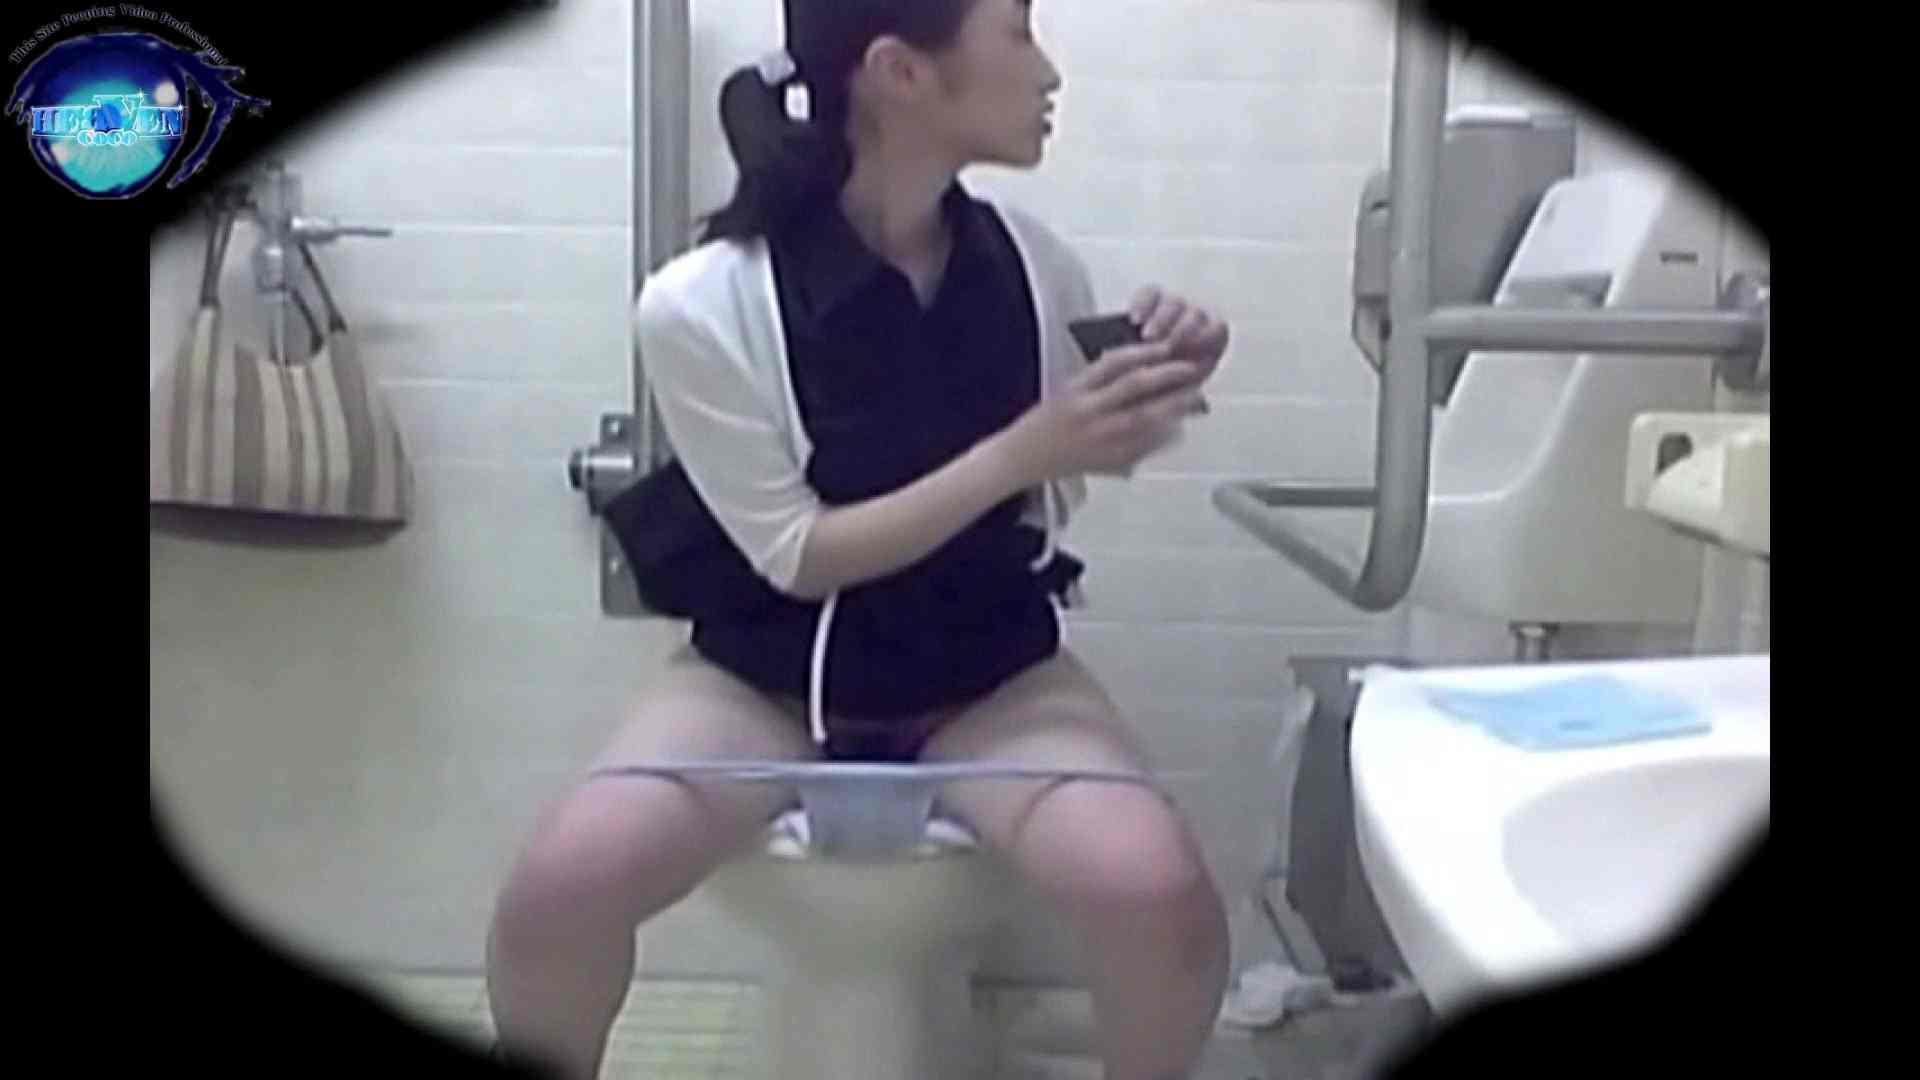 teen galトイレ覗き紙がナイ編‼vol.14 トイレ | 覗き 盗撮 77PIX 55